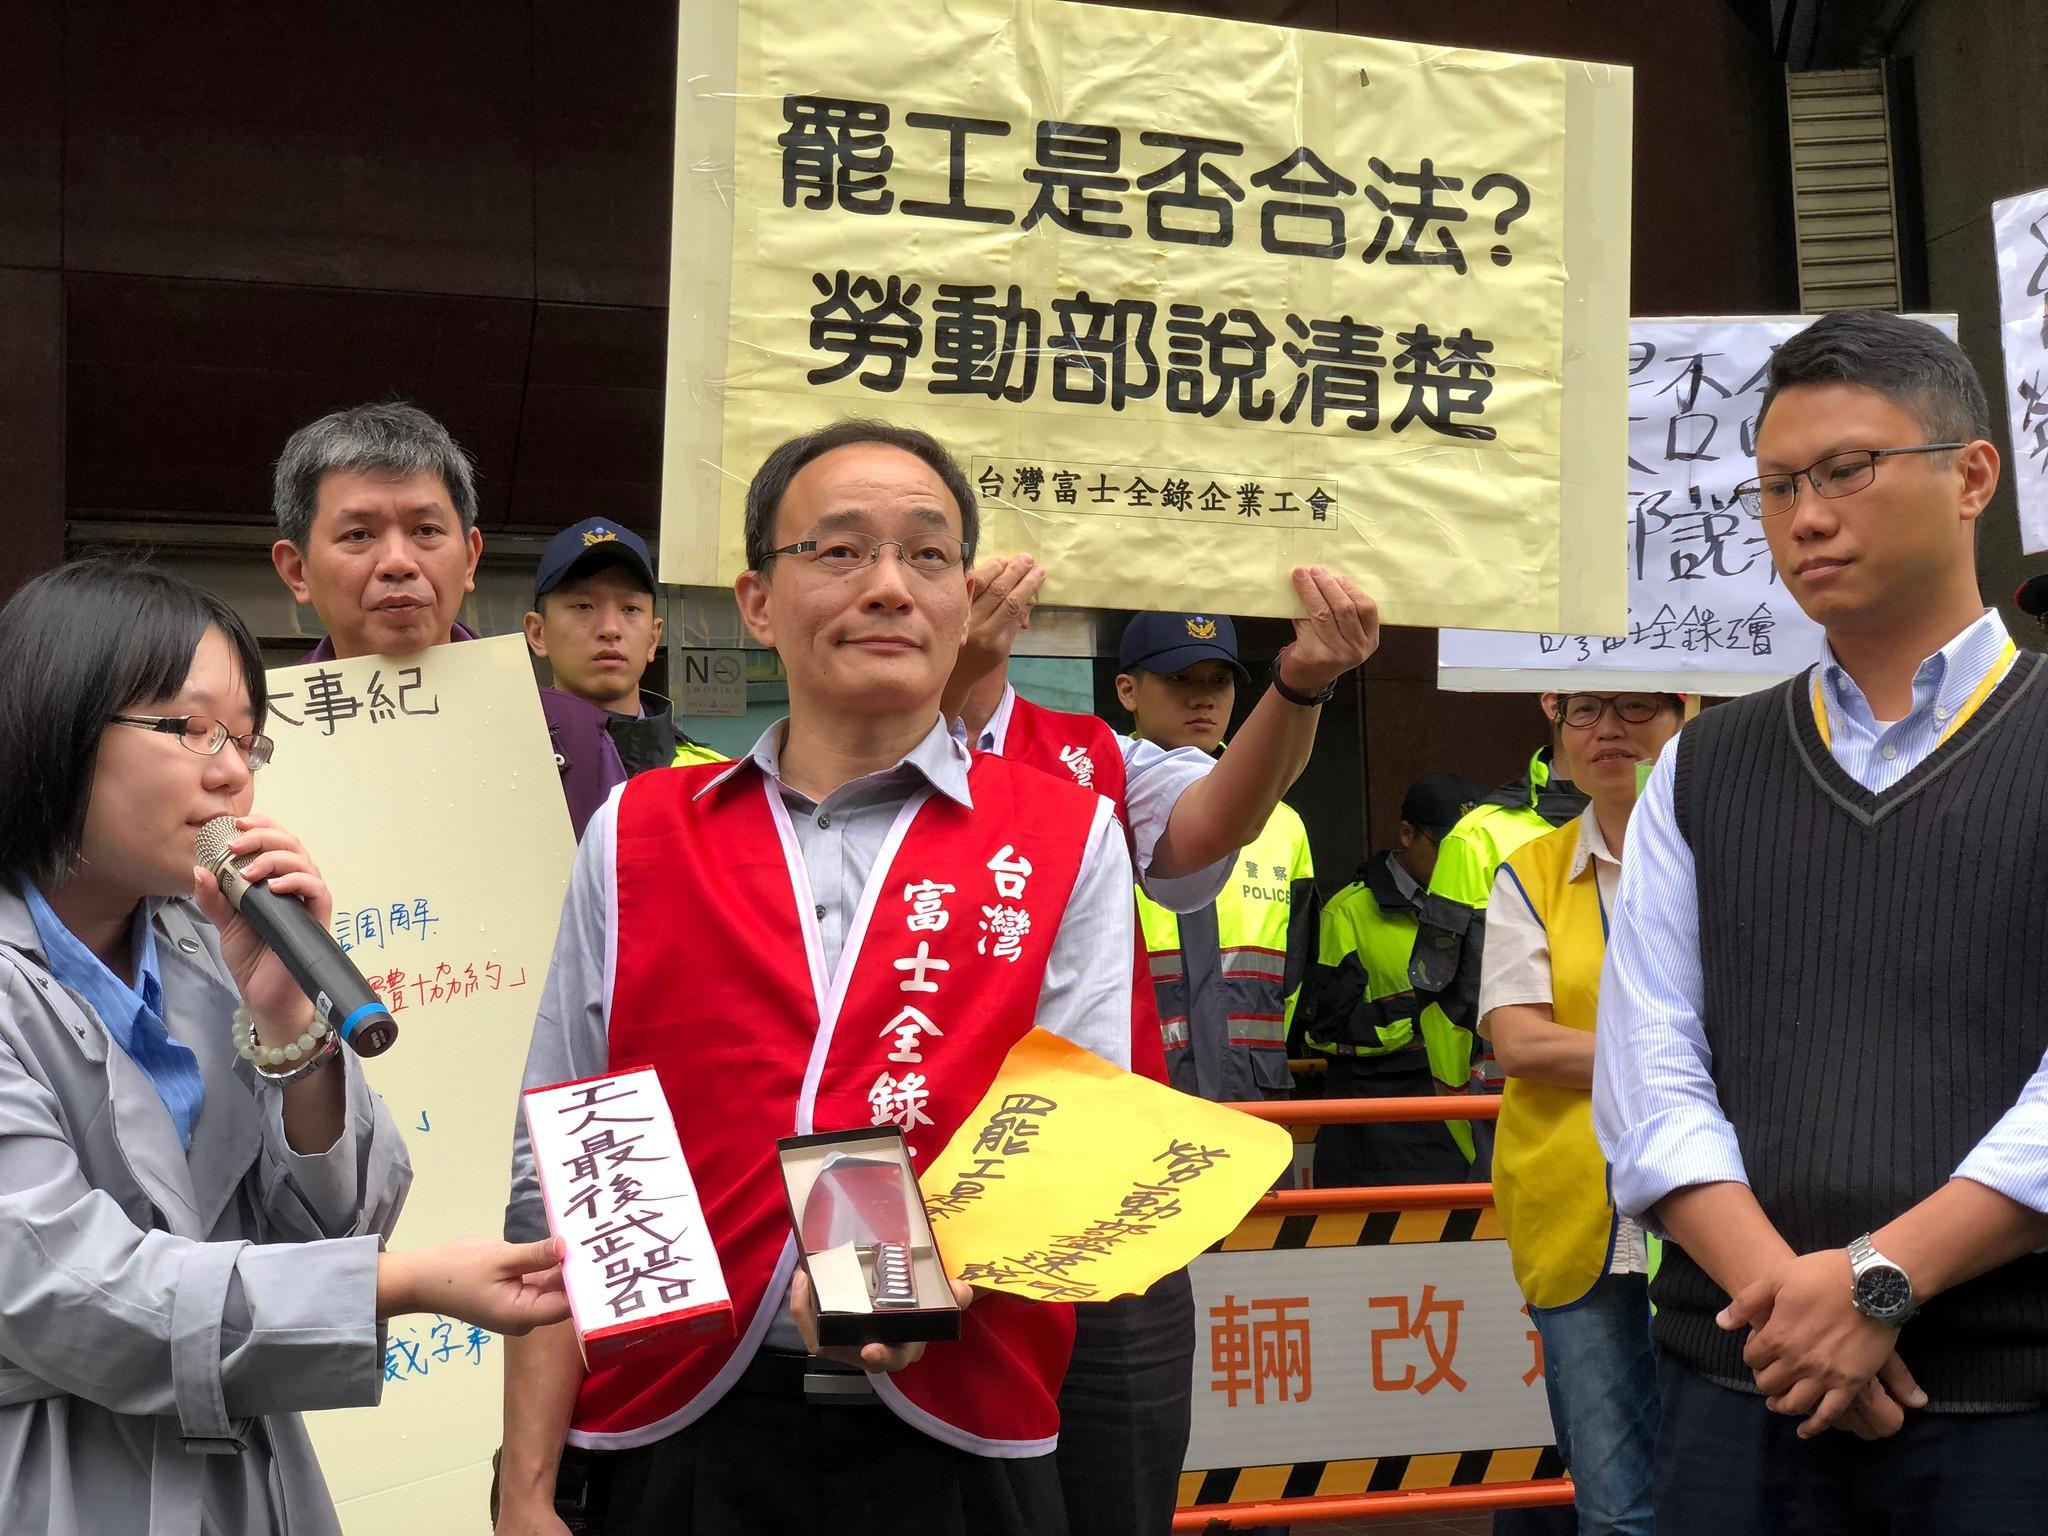 工會指罷工是工人最後武器,盼勞動部堅守立場捍衛勞工。(攝影:王顥中)